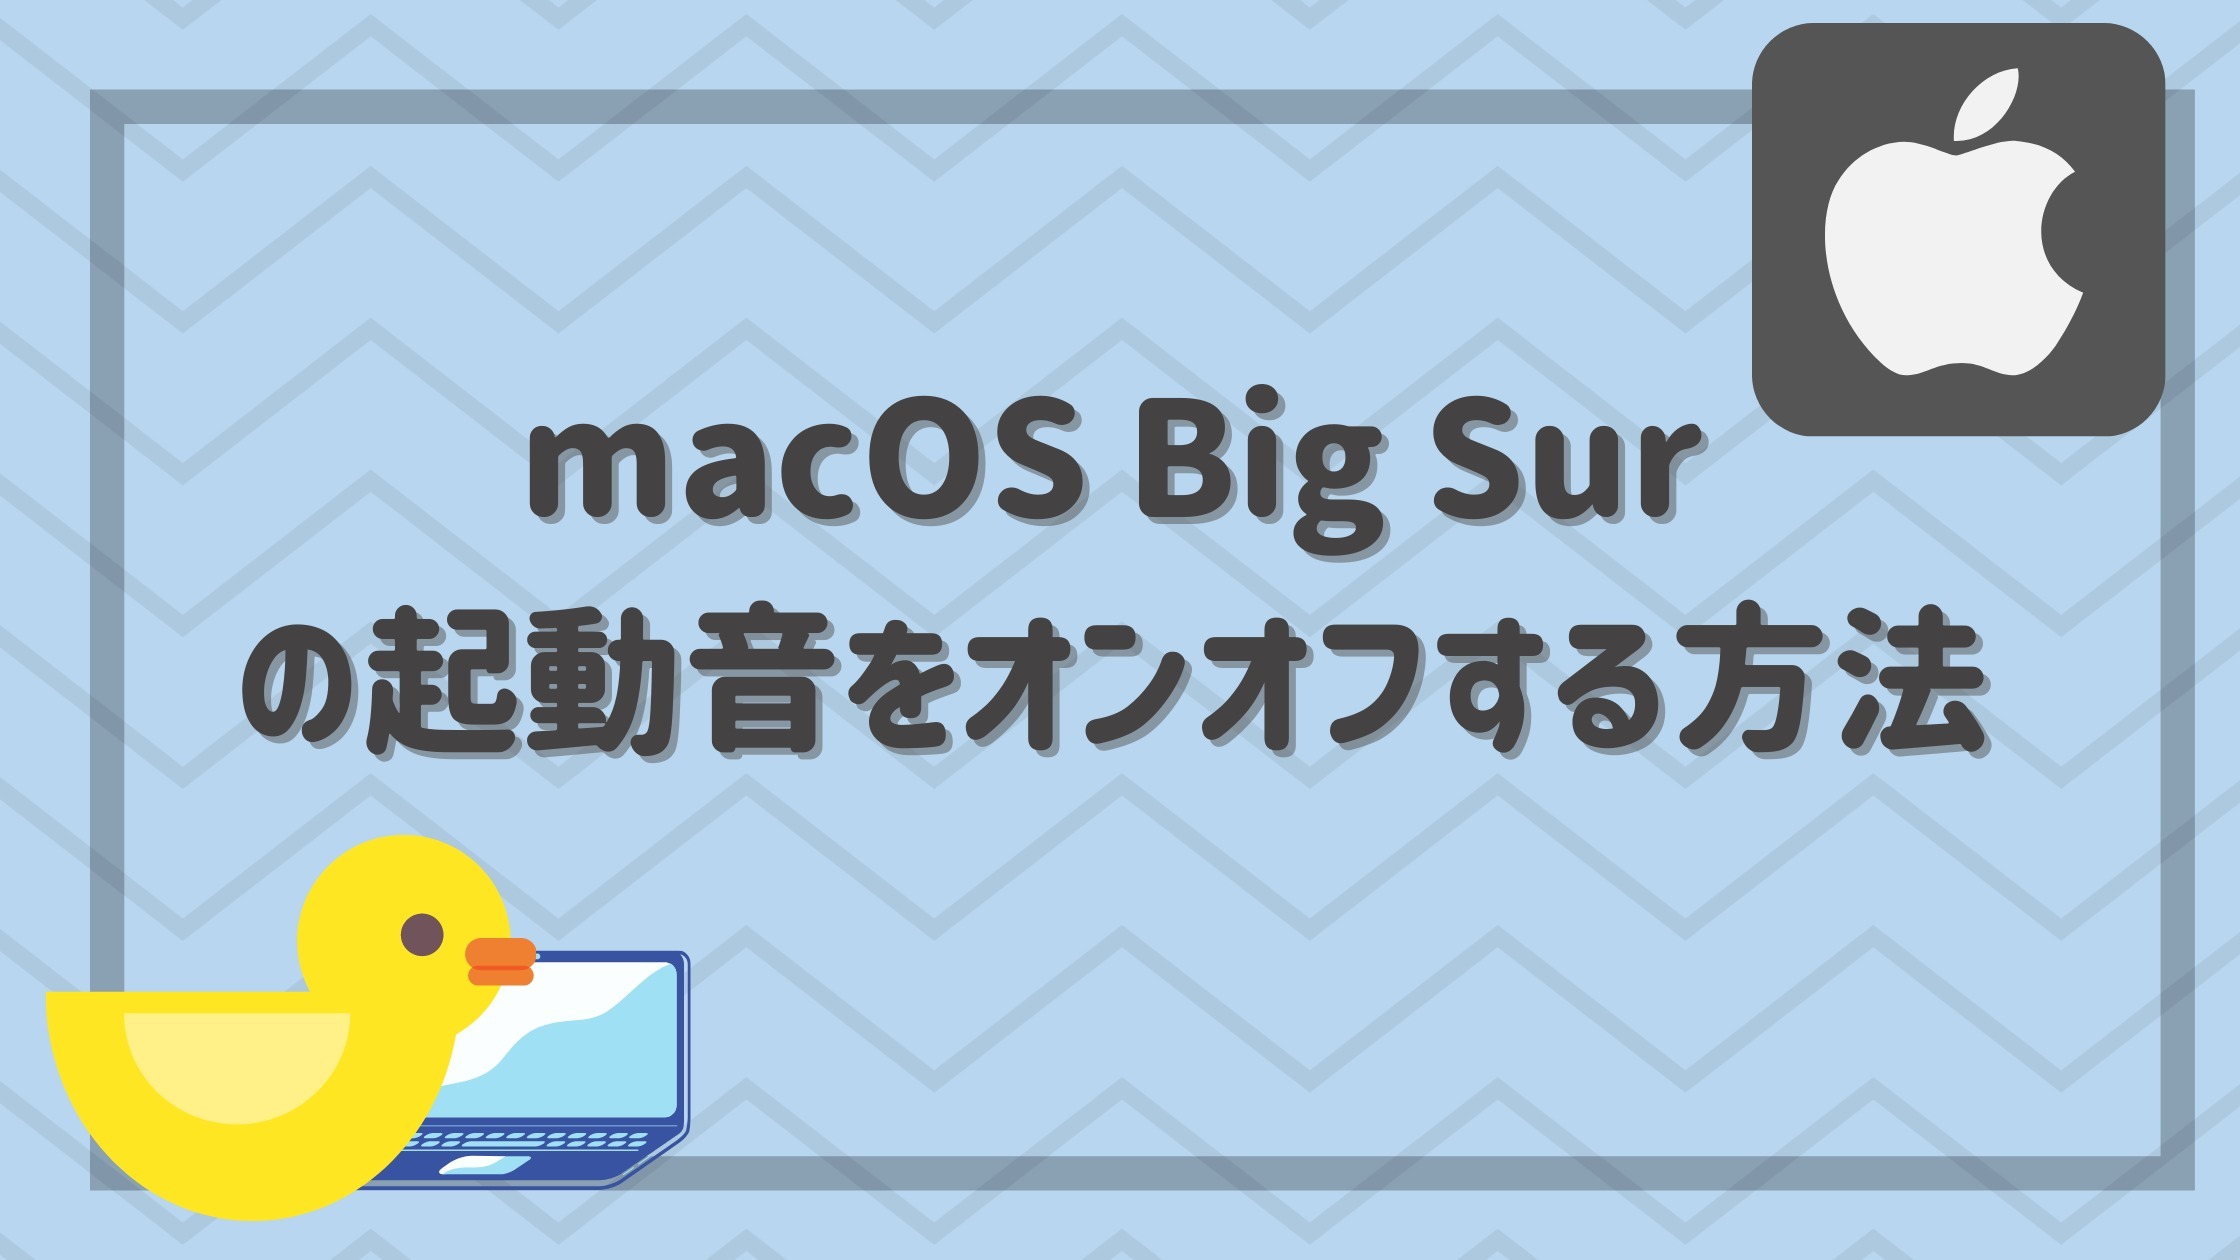 macのbig-surで起動音をオンオフにする記事のアイキャッチ